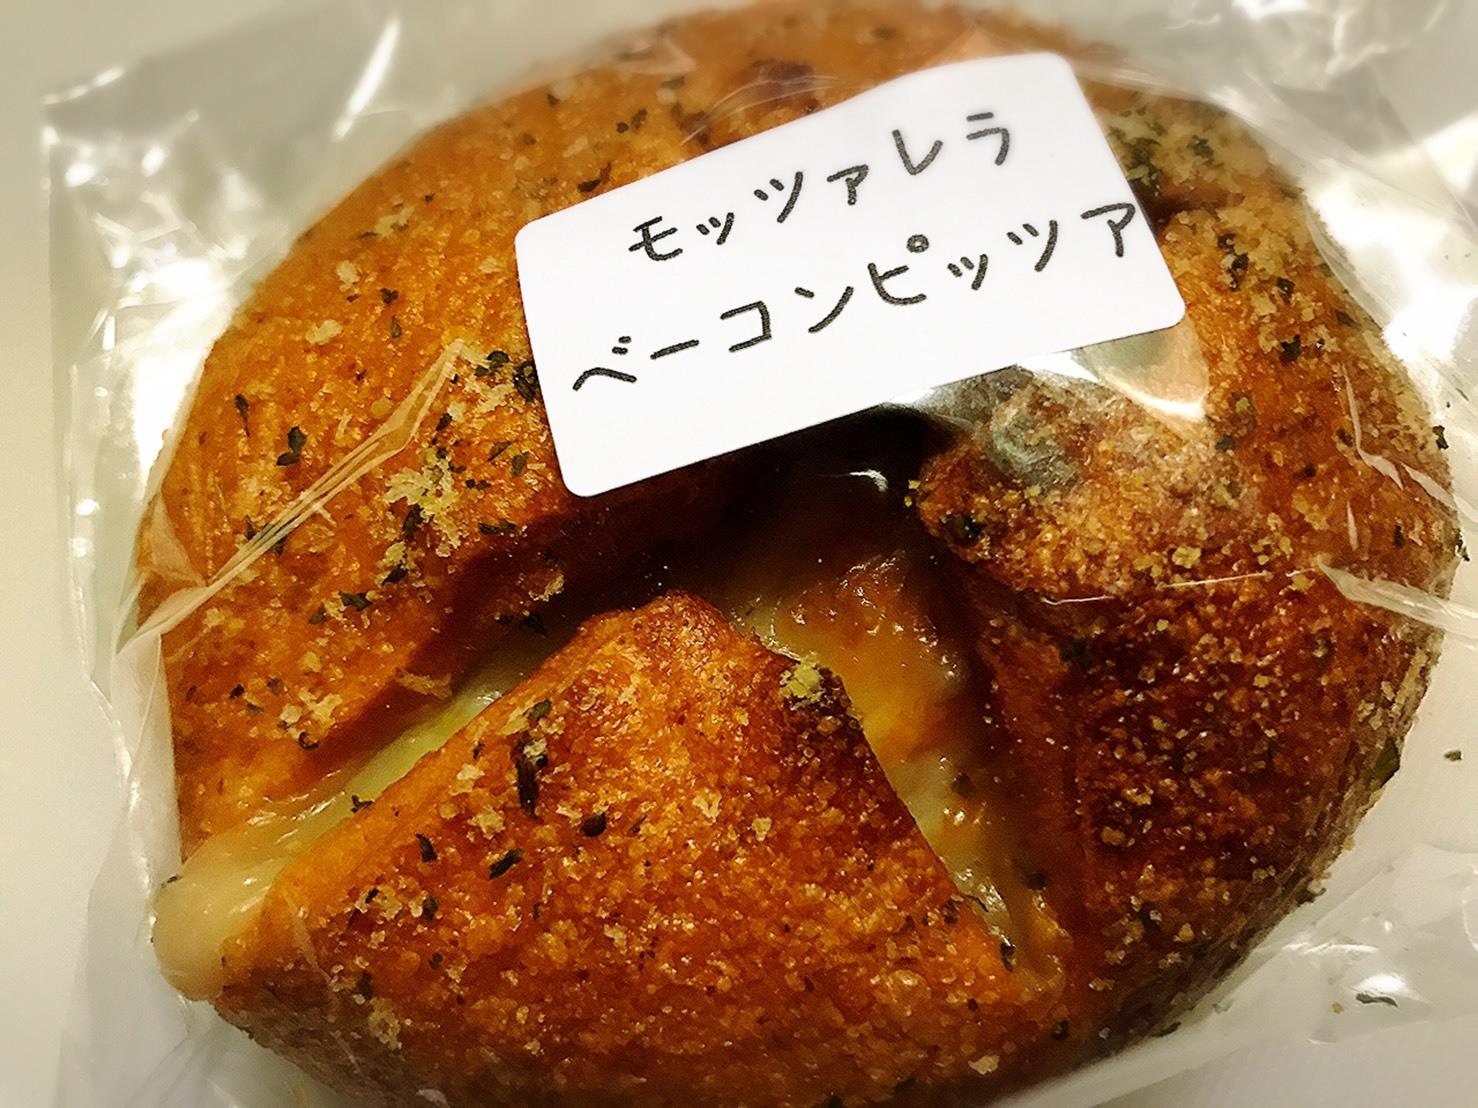 ふわもちパン×こだわりサンド ふわもちさん。/札幌市 厚別区_c0378174_20304031.jpg